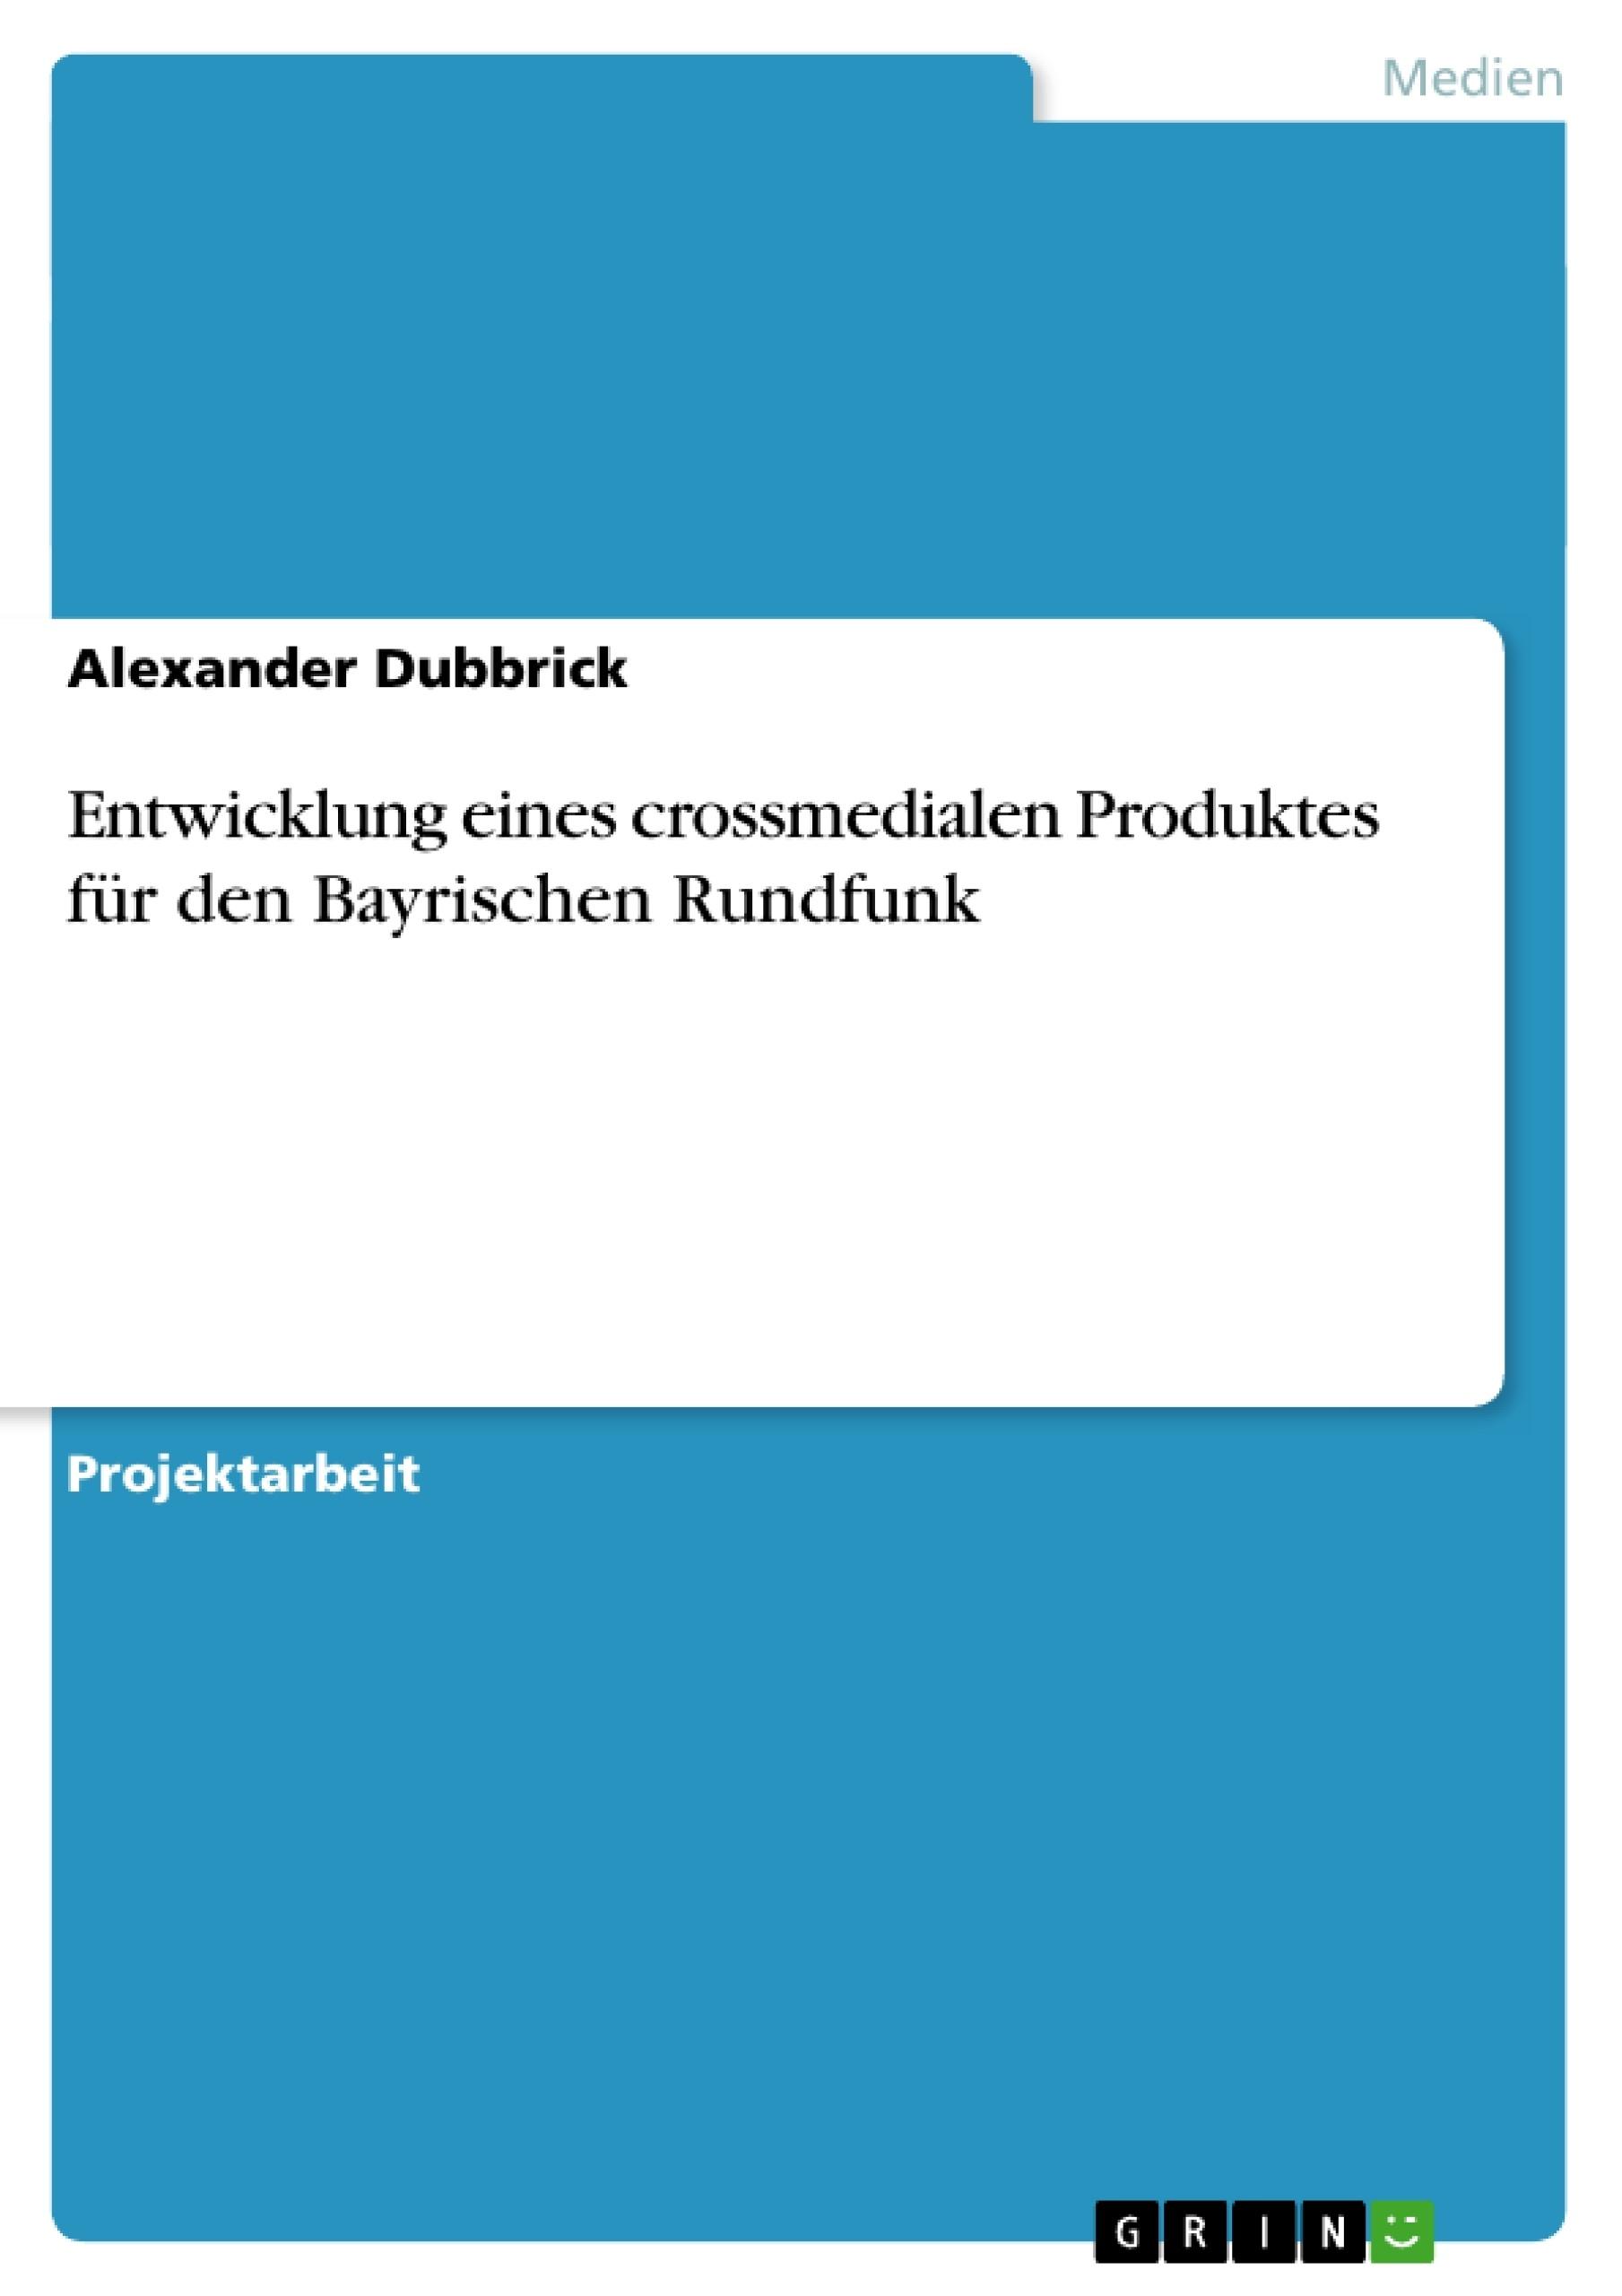 Titel: Entwicklung eines crossmedialen Produktes für den Bayrischen Rundfunk